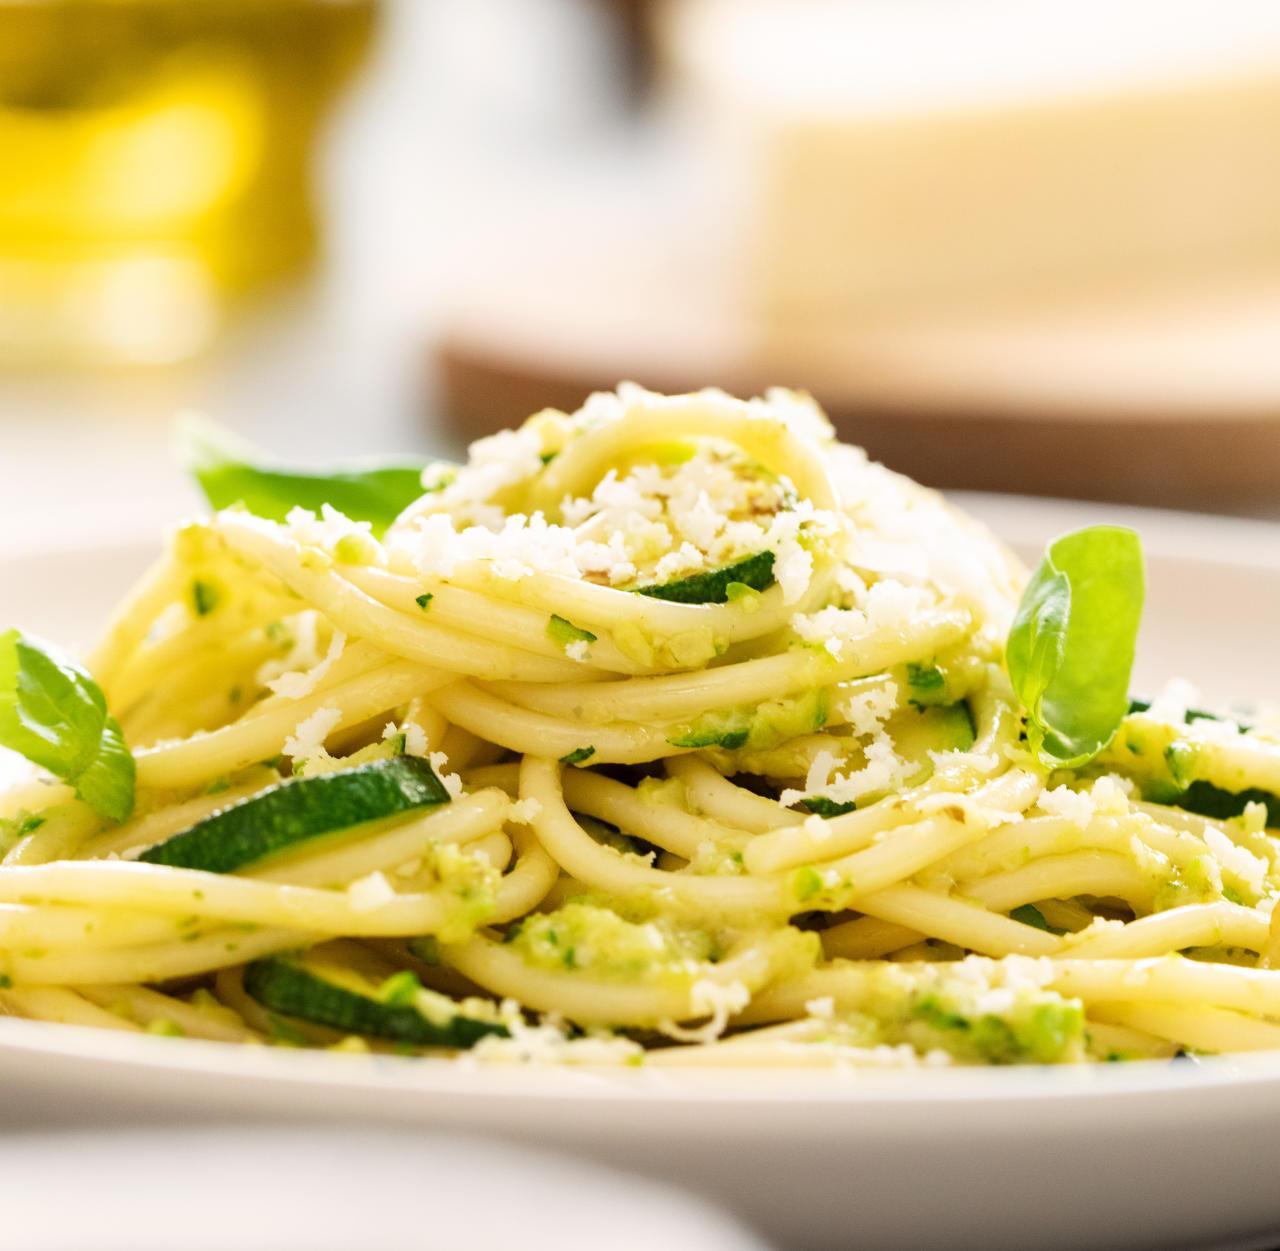 Spaghetti alla Nerano mit Pesto alla Genovese